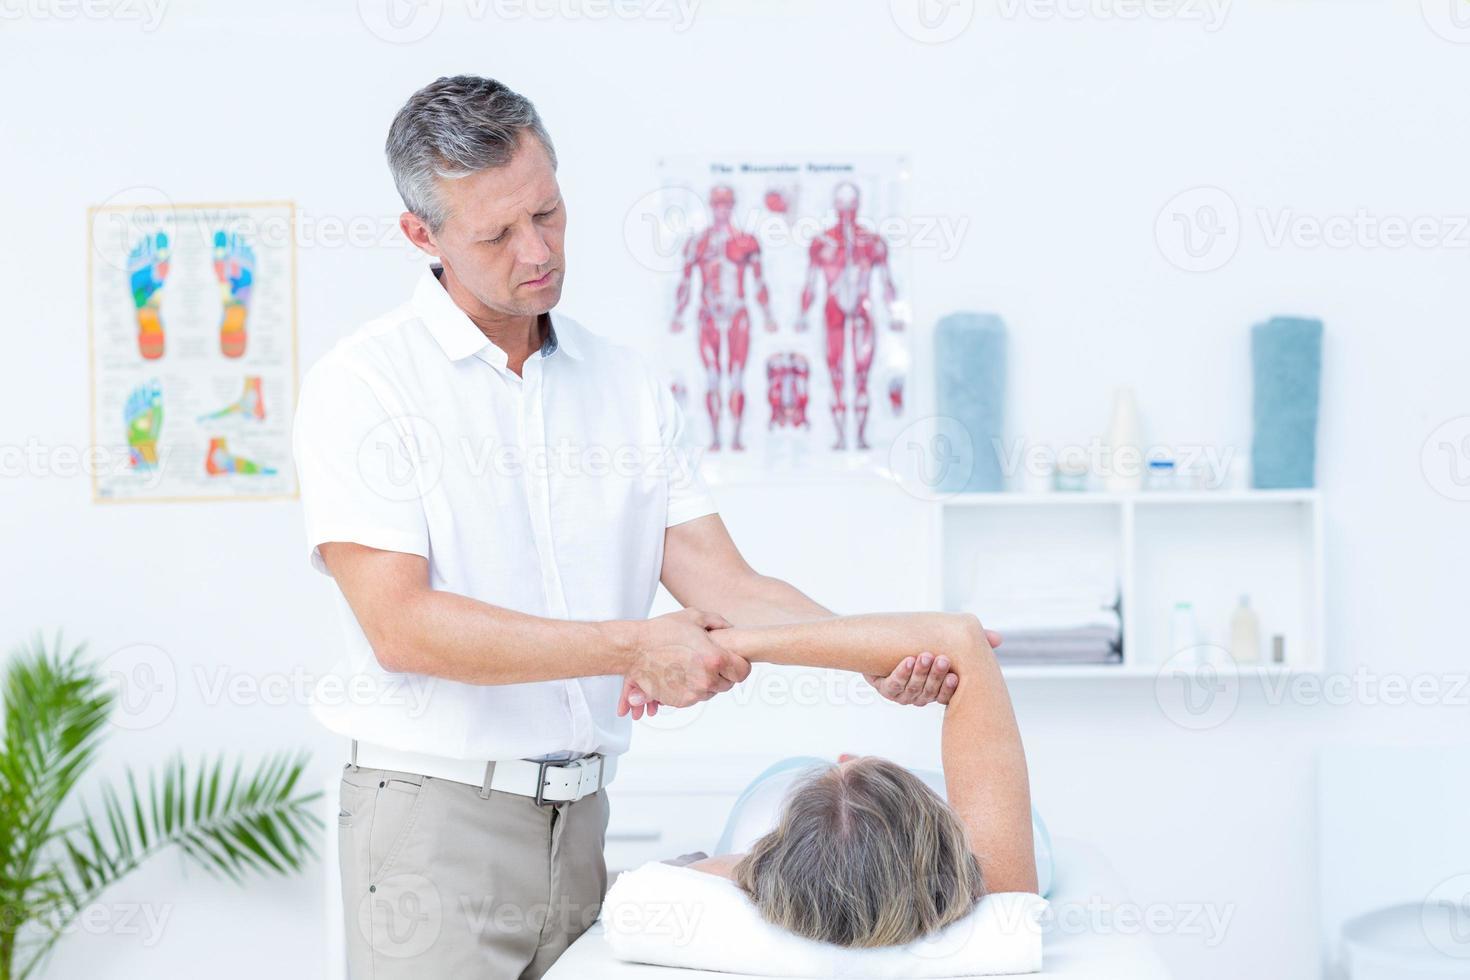 fisioterapeuta examinando o braço de pacientes foto